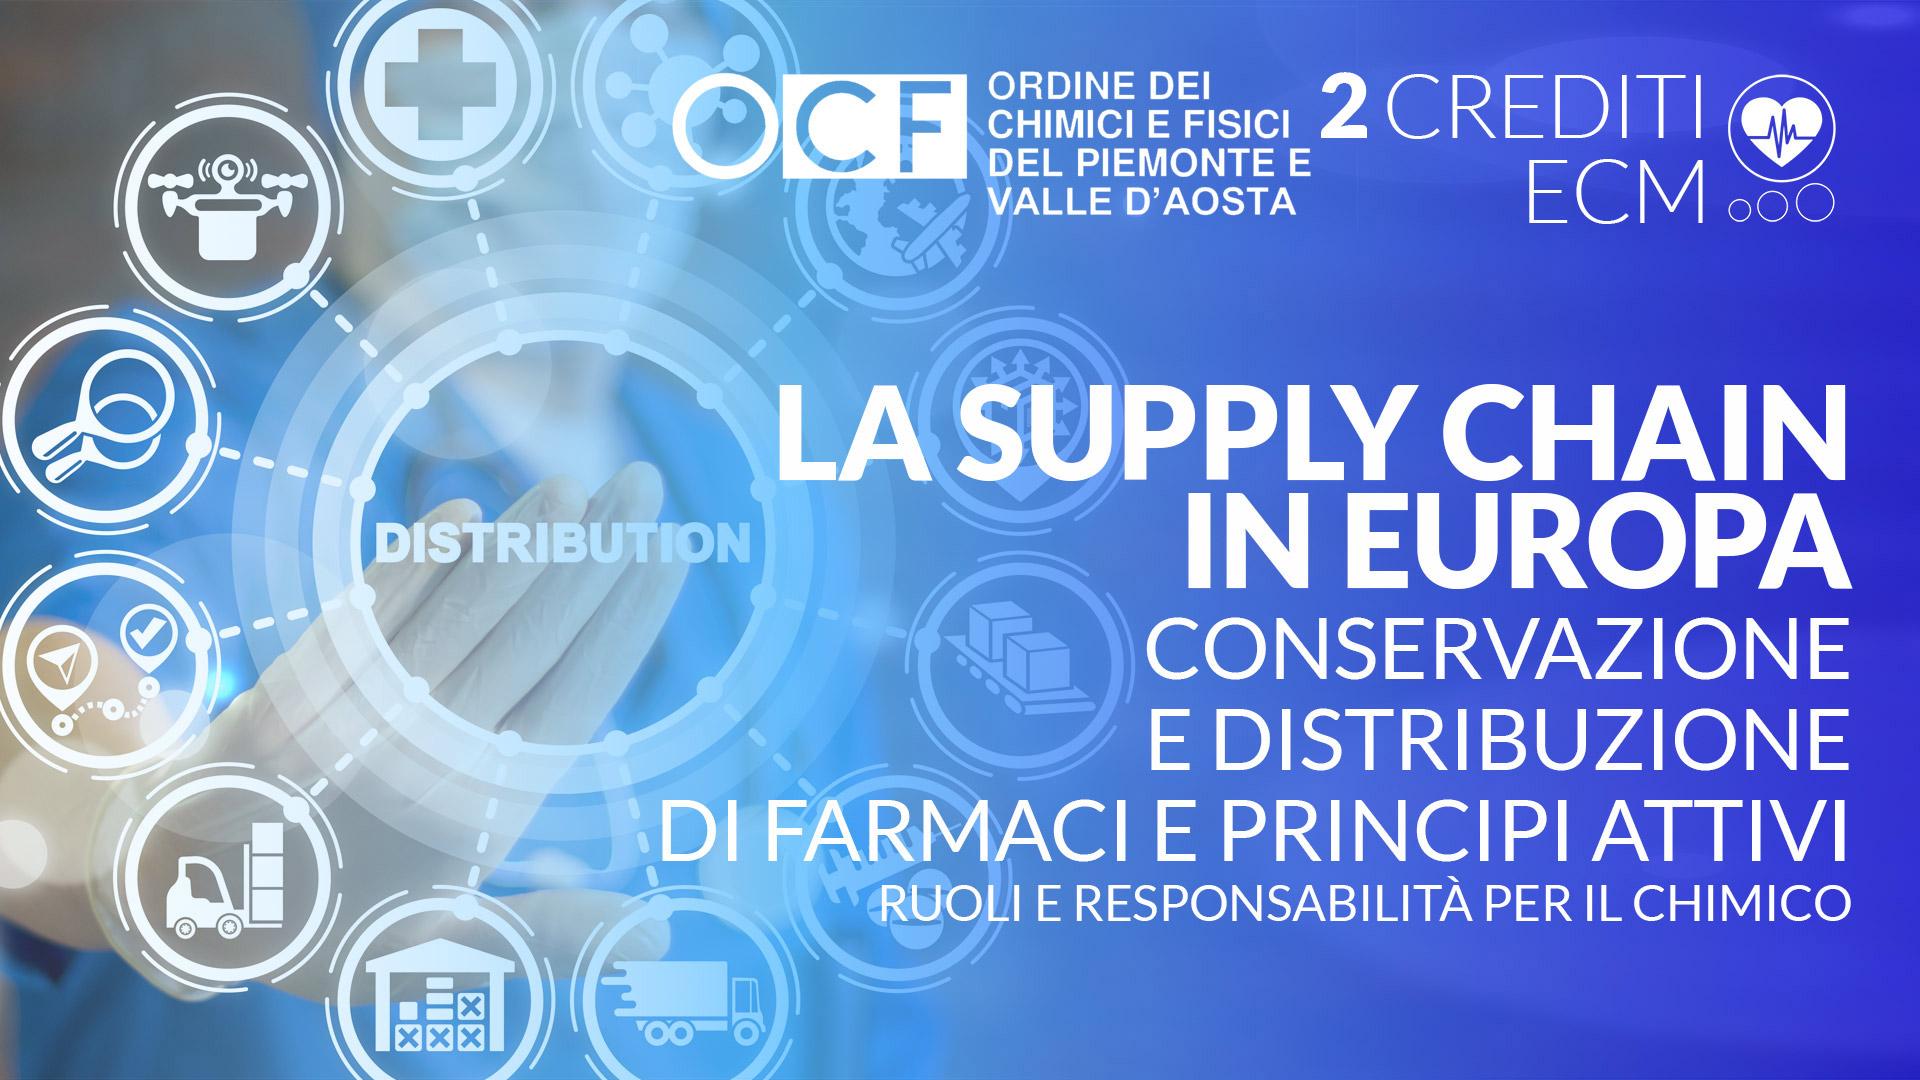 La Supply Chain in Europa - Conservazione e distribuzione di Farmaci e Principi Attivi - Ruoli e Responsabilità per il Chimico